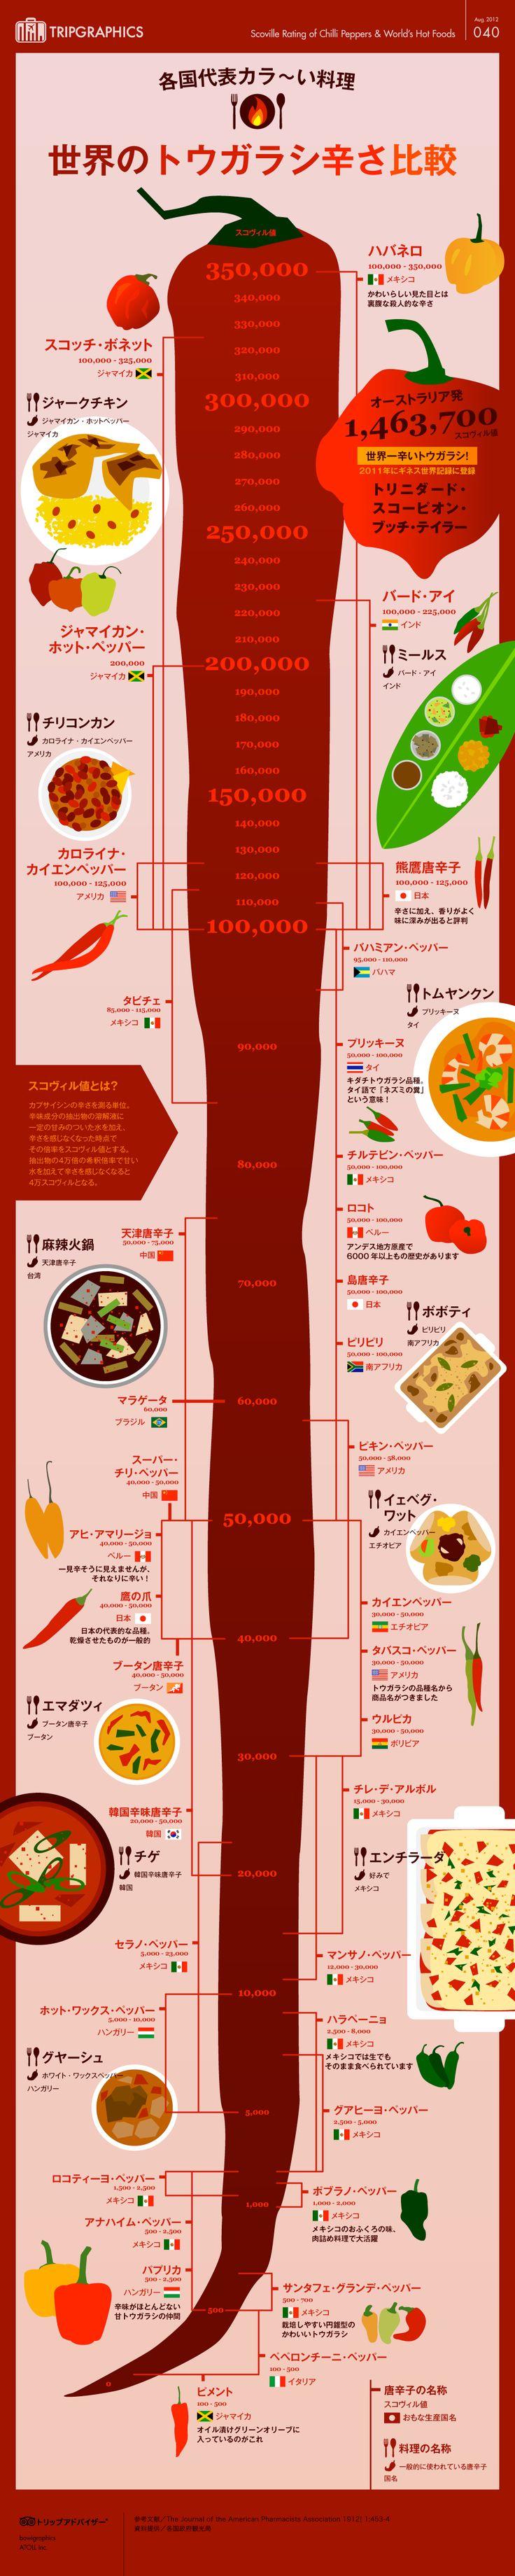 世界のトウガラシ(&カラ~い料理)辛さ比較 トリップアドバイザーのインフォグラフィックスで世界の旅が見える #infograph